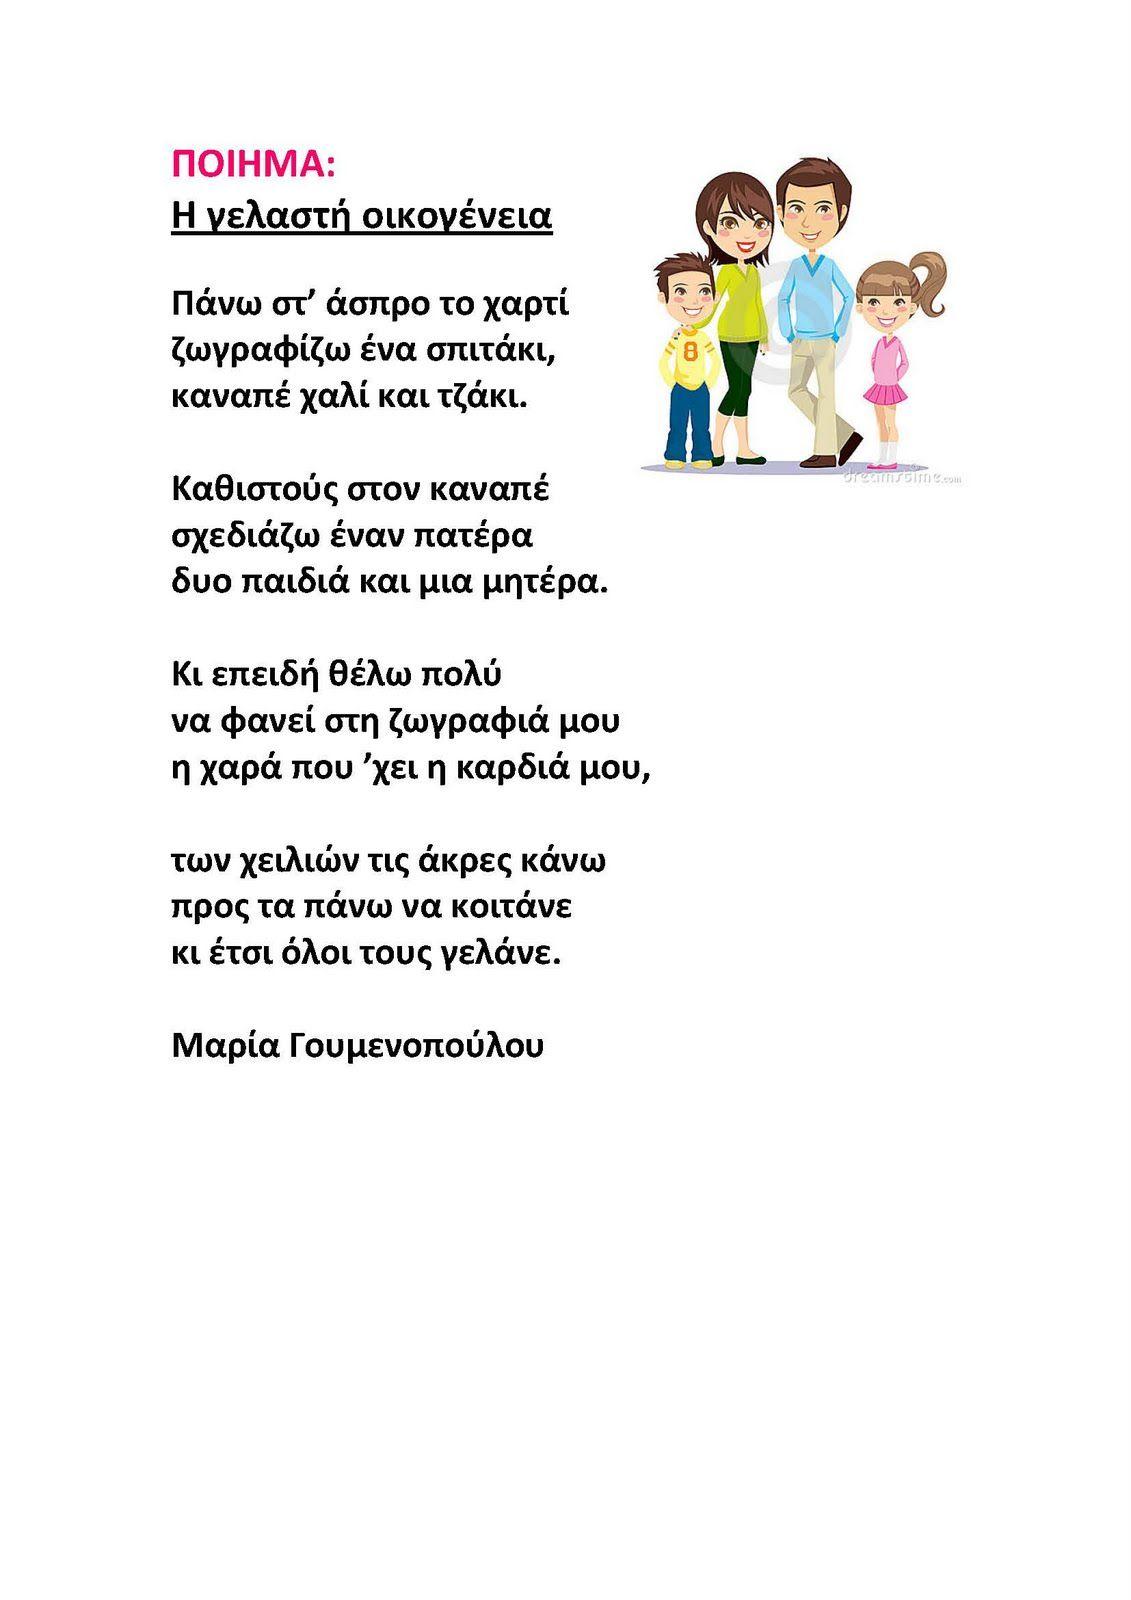 ποιημα νηπιαγωγειο οικογενεια - Αναζήτηση Google